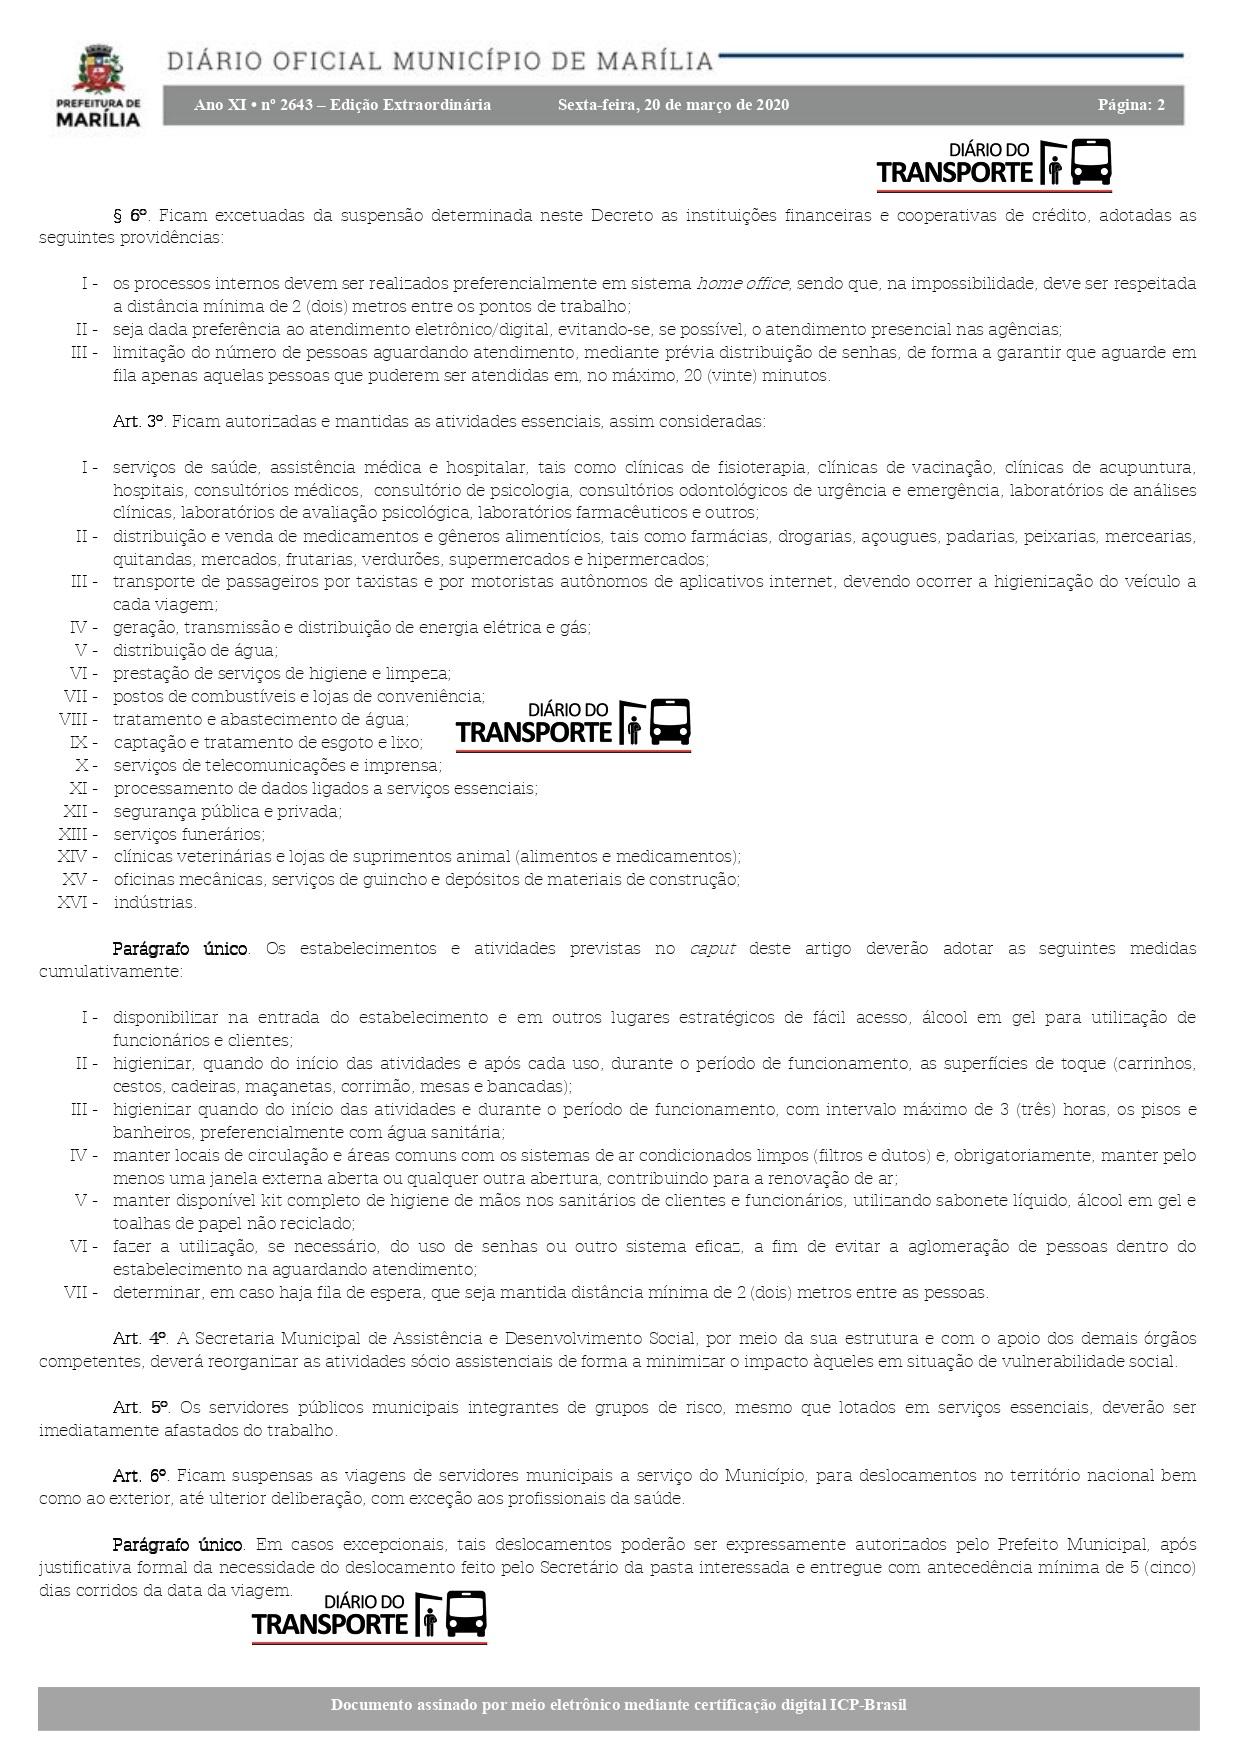 decreto marilia_02